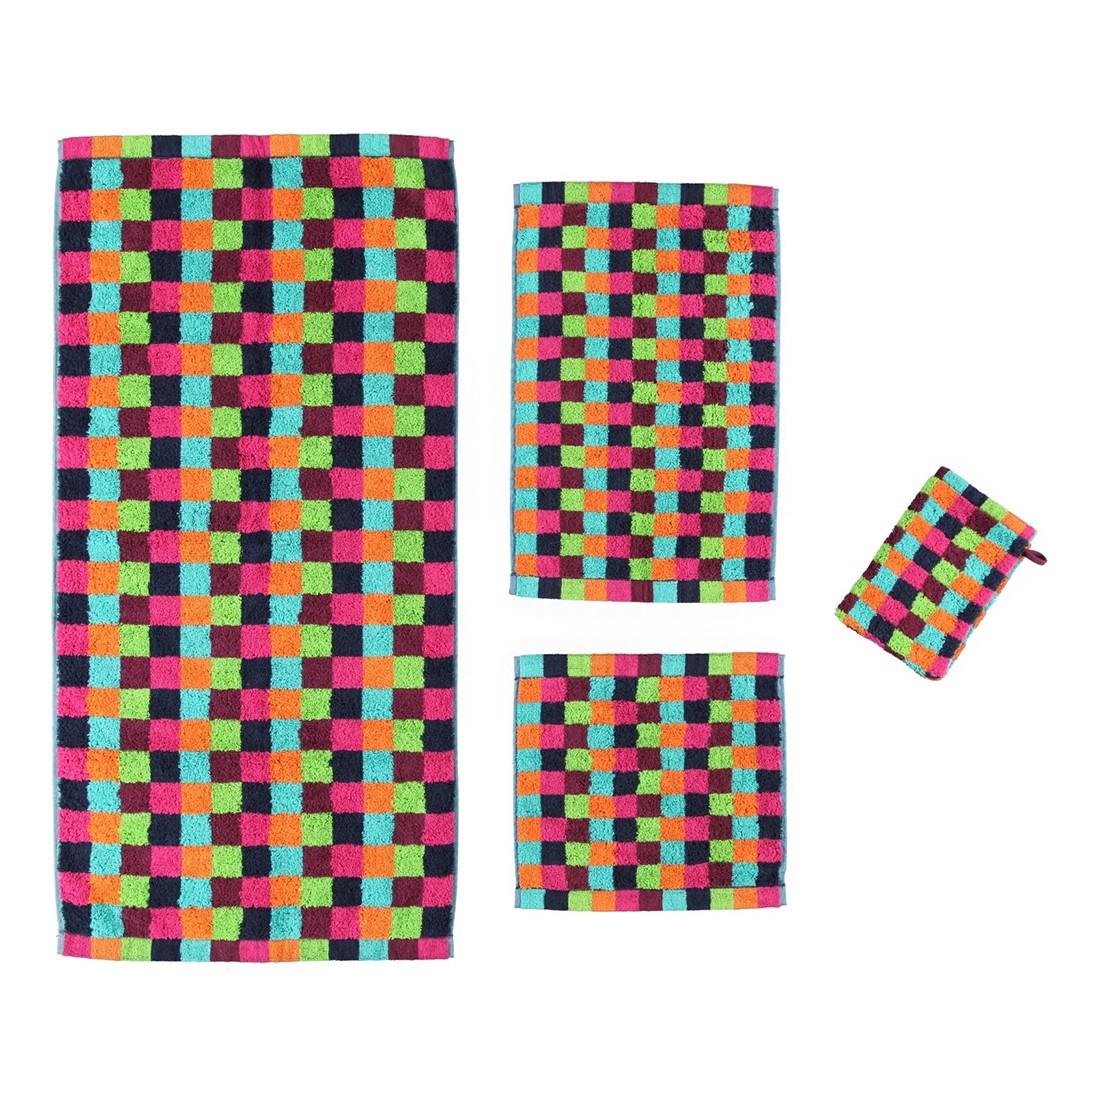 Handtuch Life Style Karo – 100% Baumwolle multicolor – 84 – Saunatuch: 70 x 180 cm, Cawö kaufen